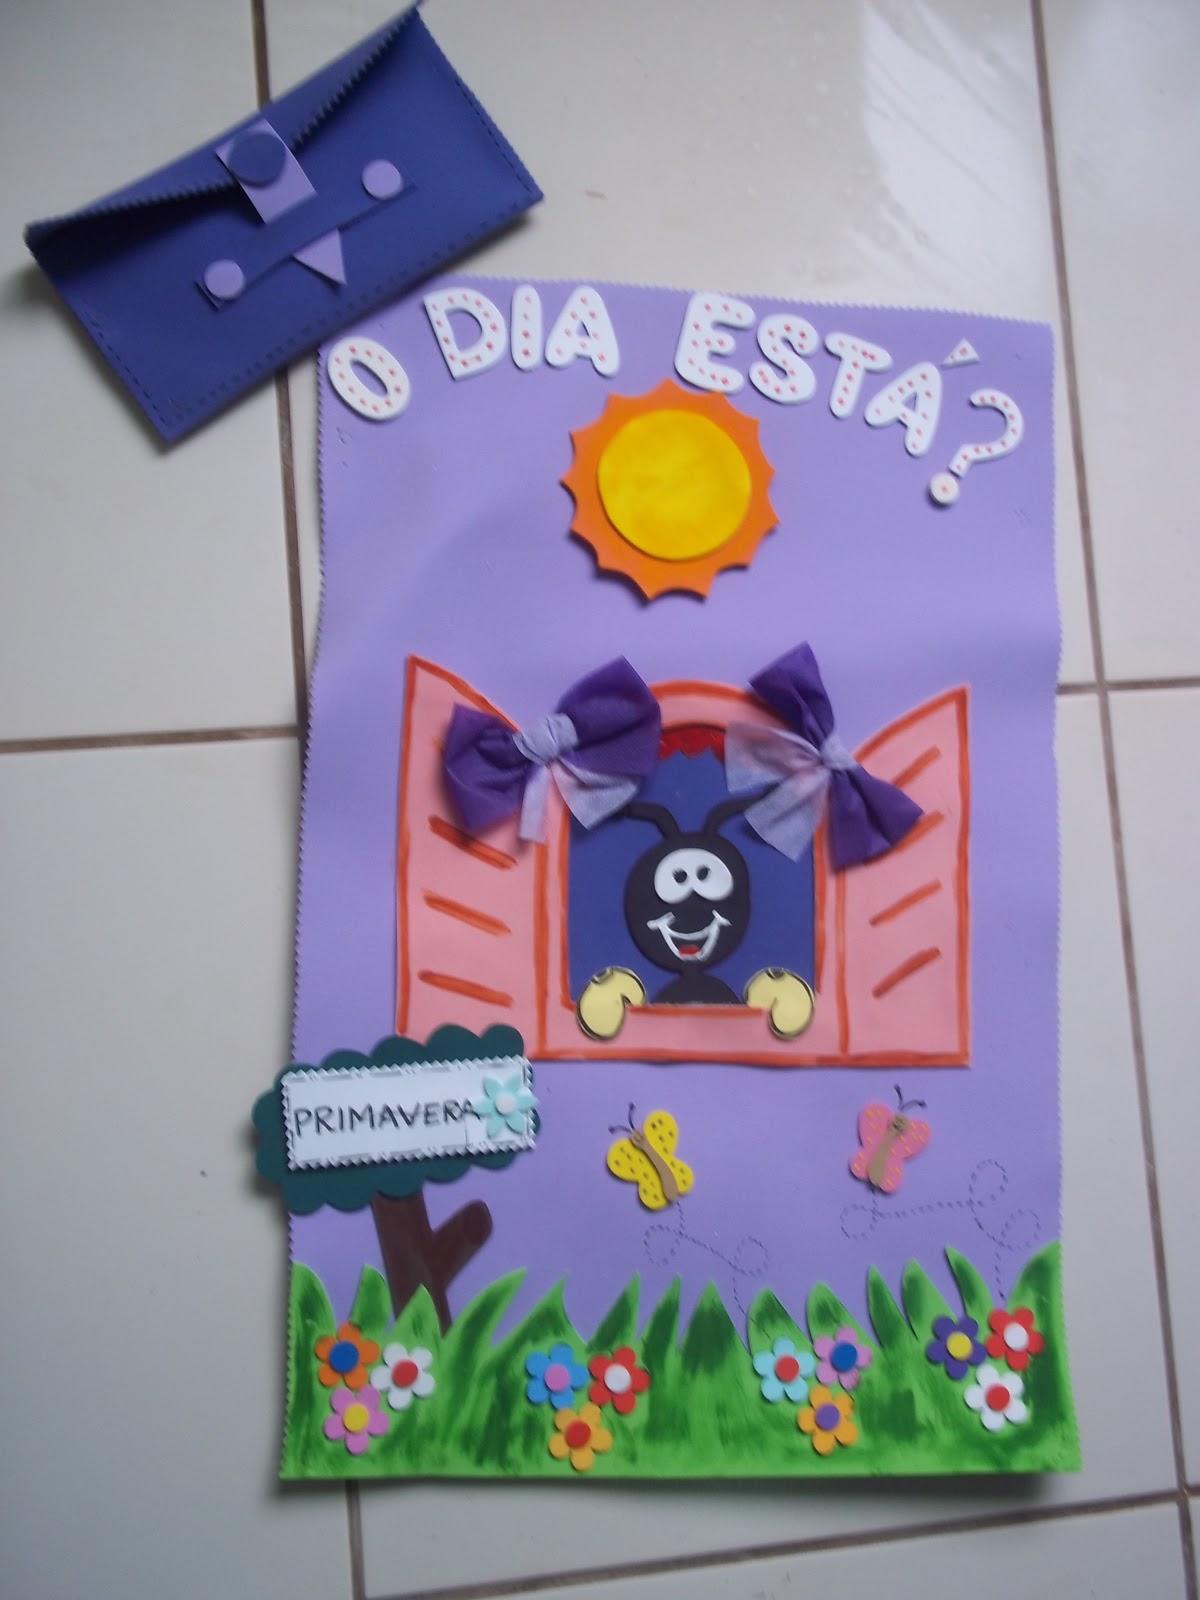 decoracao de sala maternal:Postado por Escola 16 de Junho às 11:32